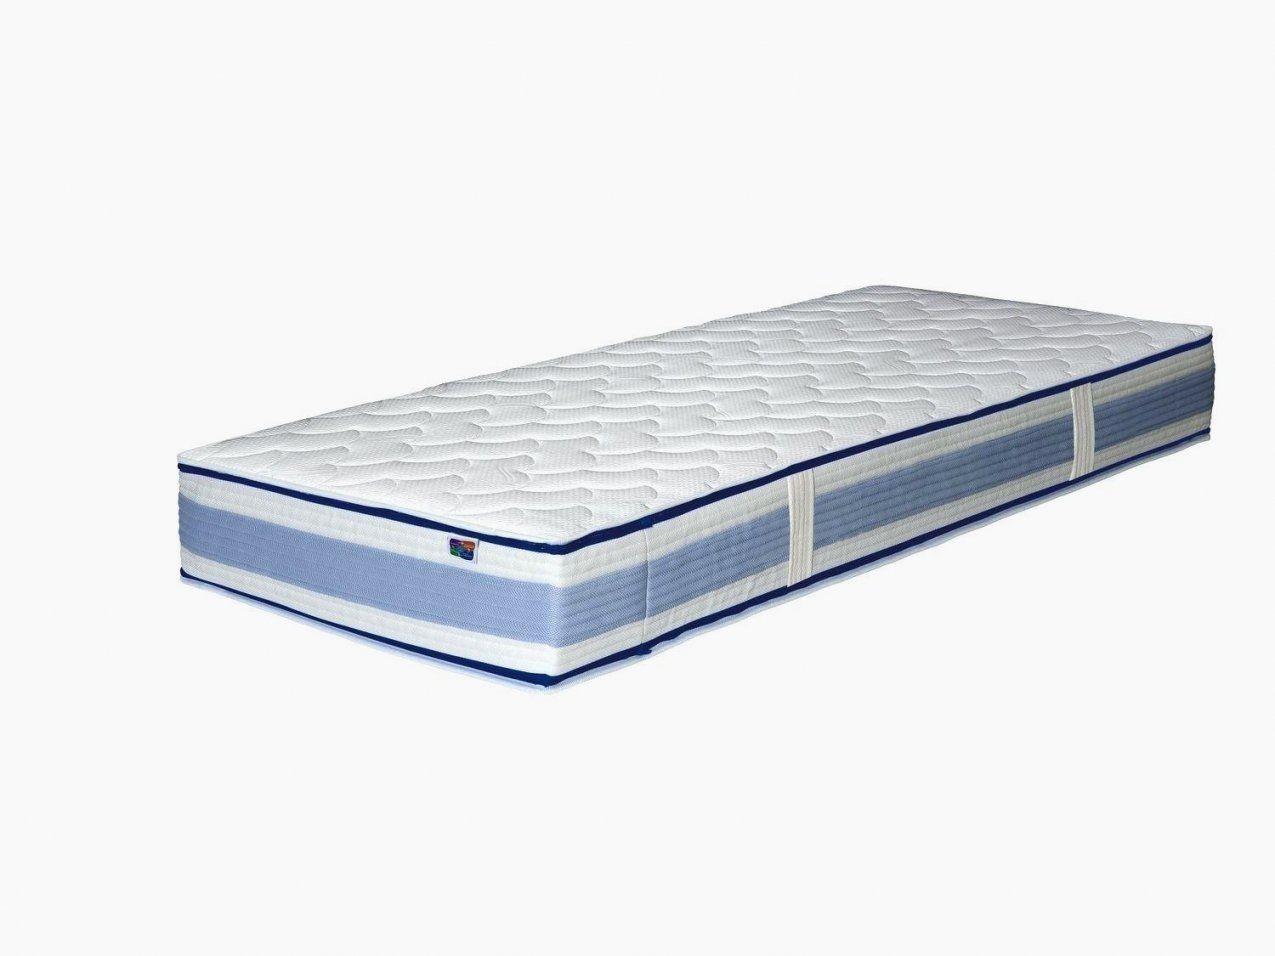 Fantastisch Matratzen 140 132035 Lidl Shop Meradiso Komfort Matratze Von Komfortmatratze X 200 Cm Bild